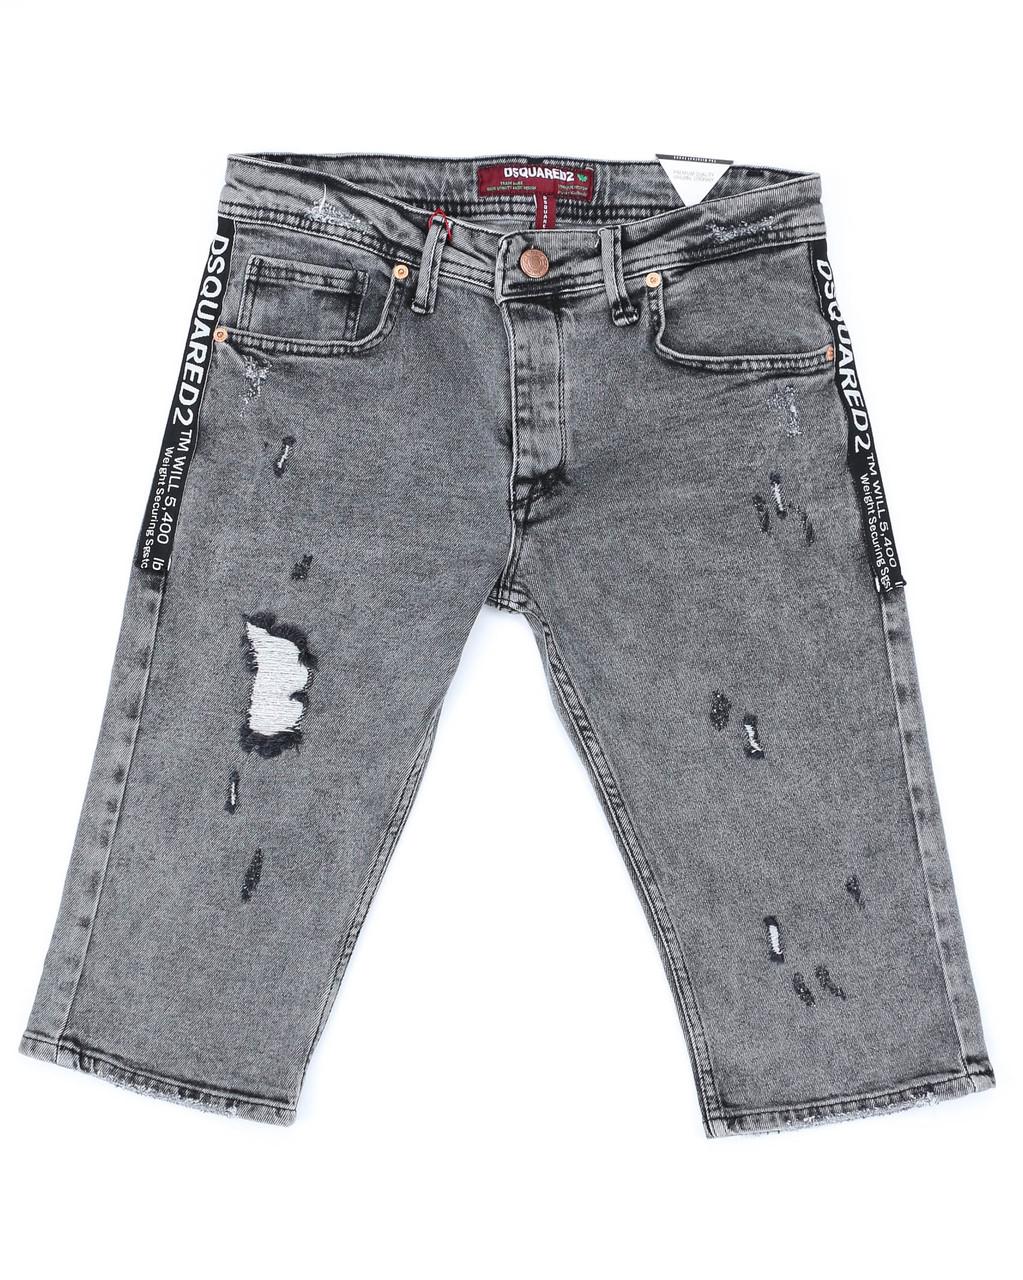 Бриджи джинс серый MARIO DSQUARED рваные FUME 31(Р) 0107